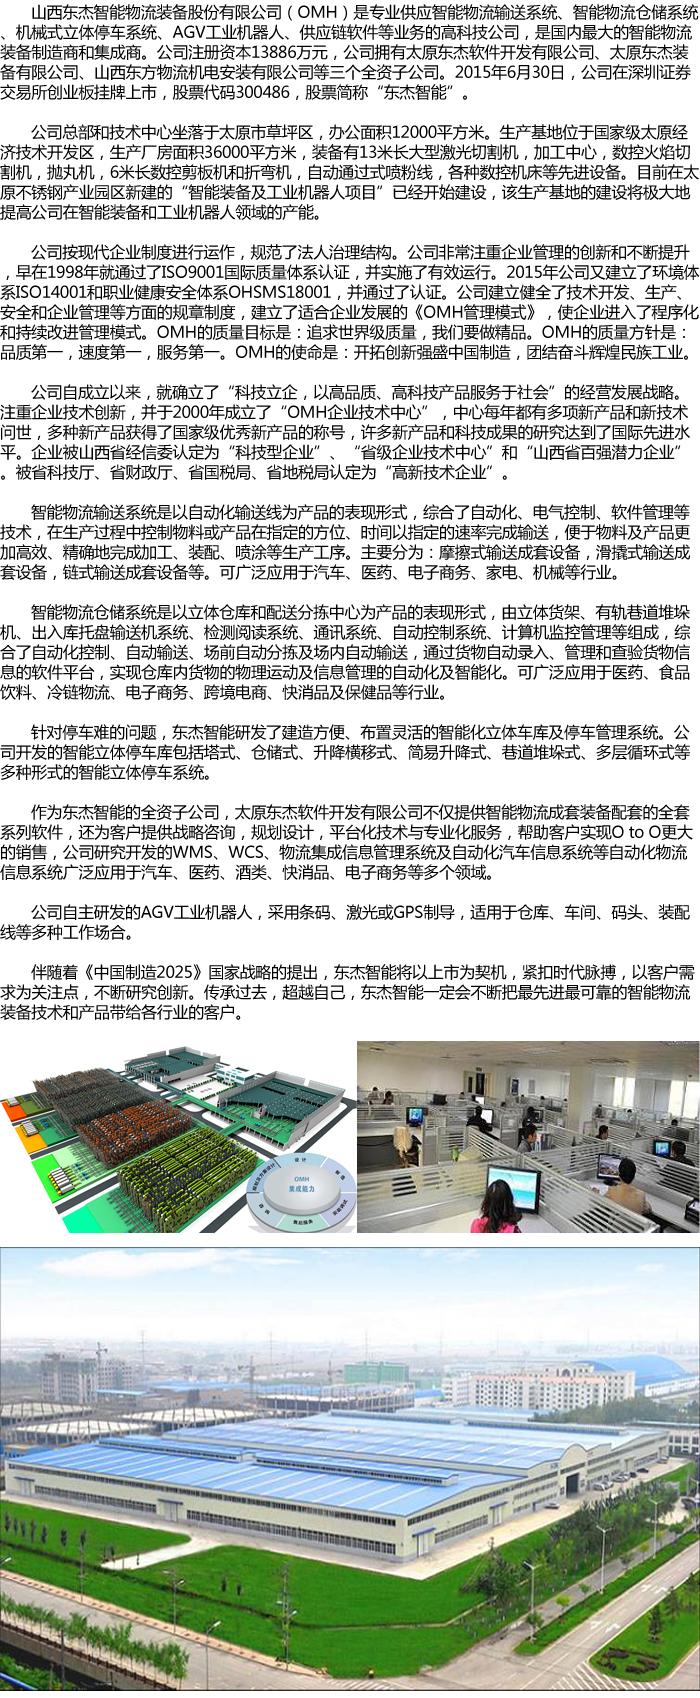 公司介绍3.jpg